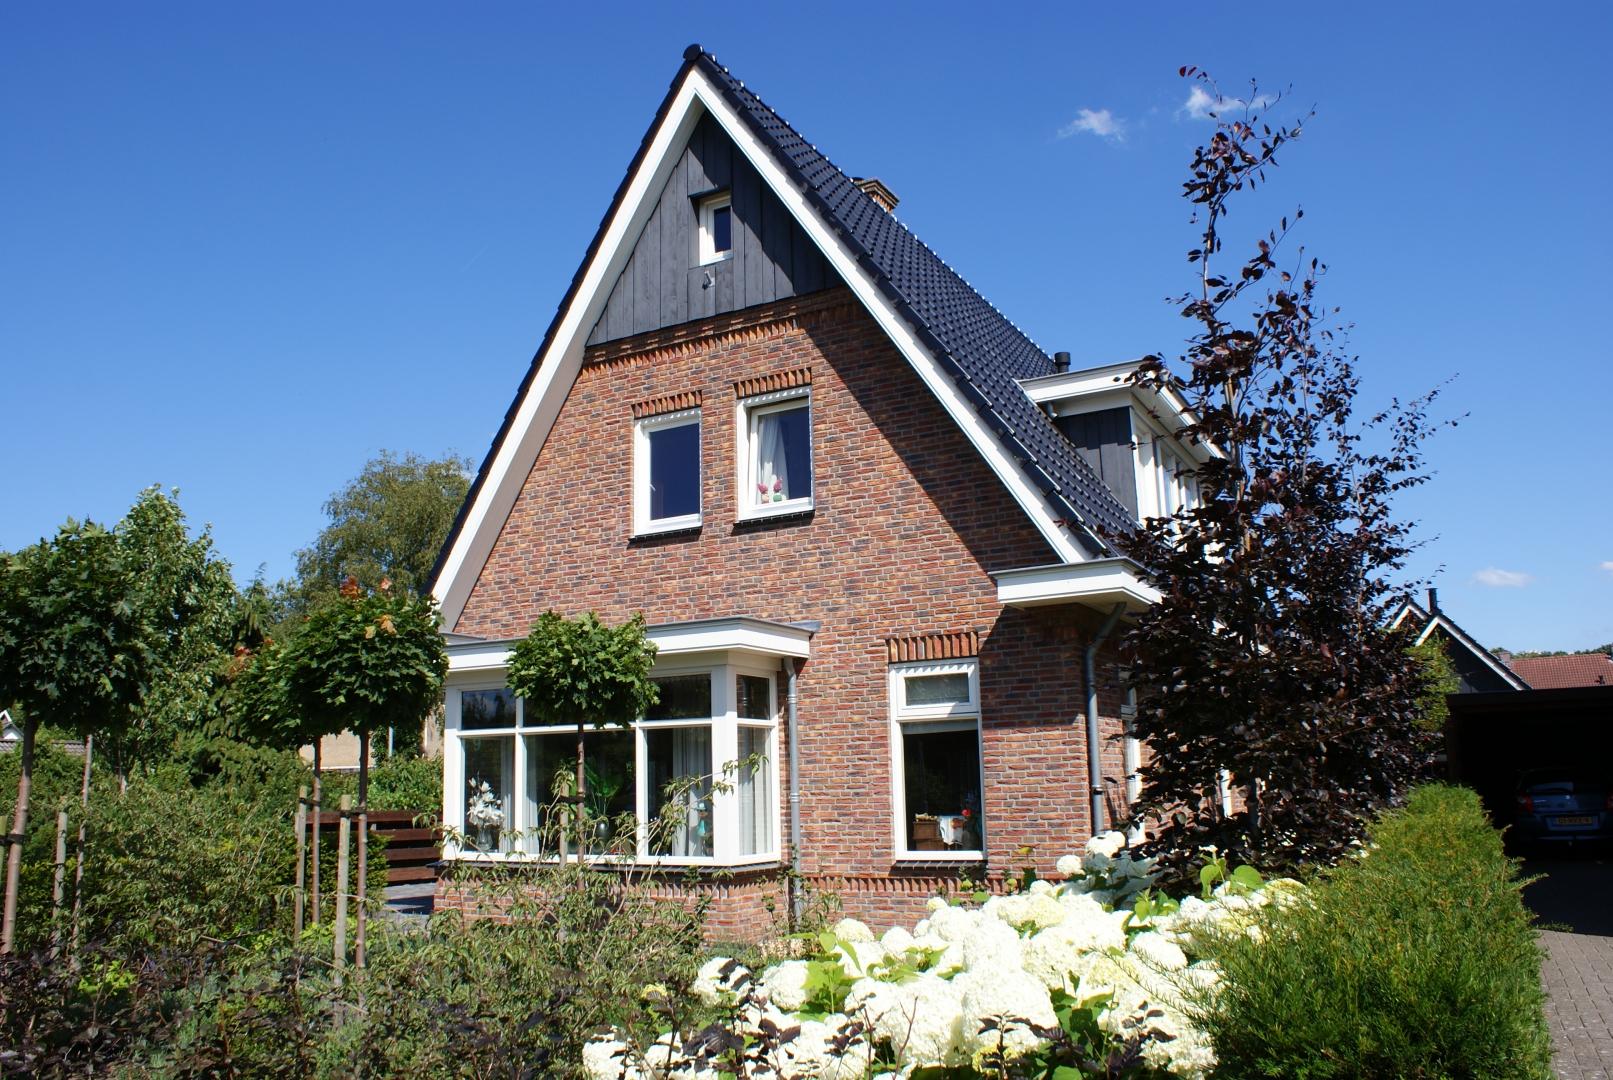 Bouw van prachtig vrijstaand woonhuis aan de Tijmlaan in Ermelo